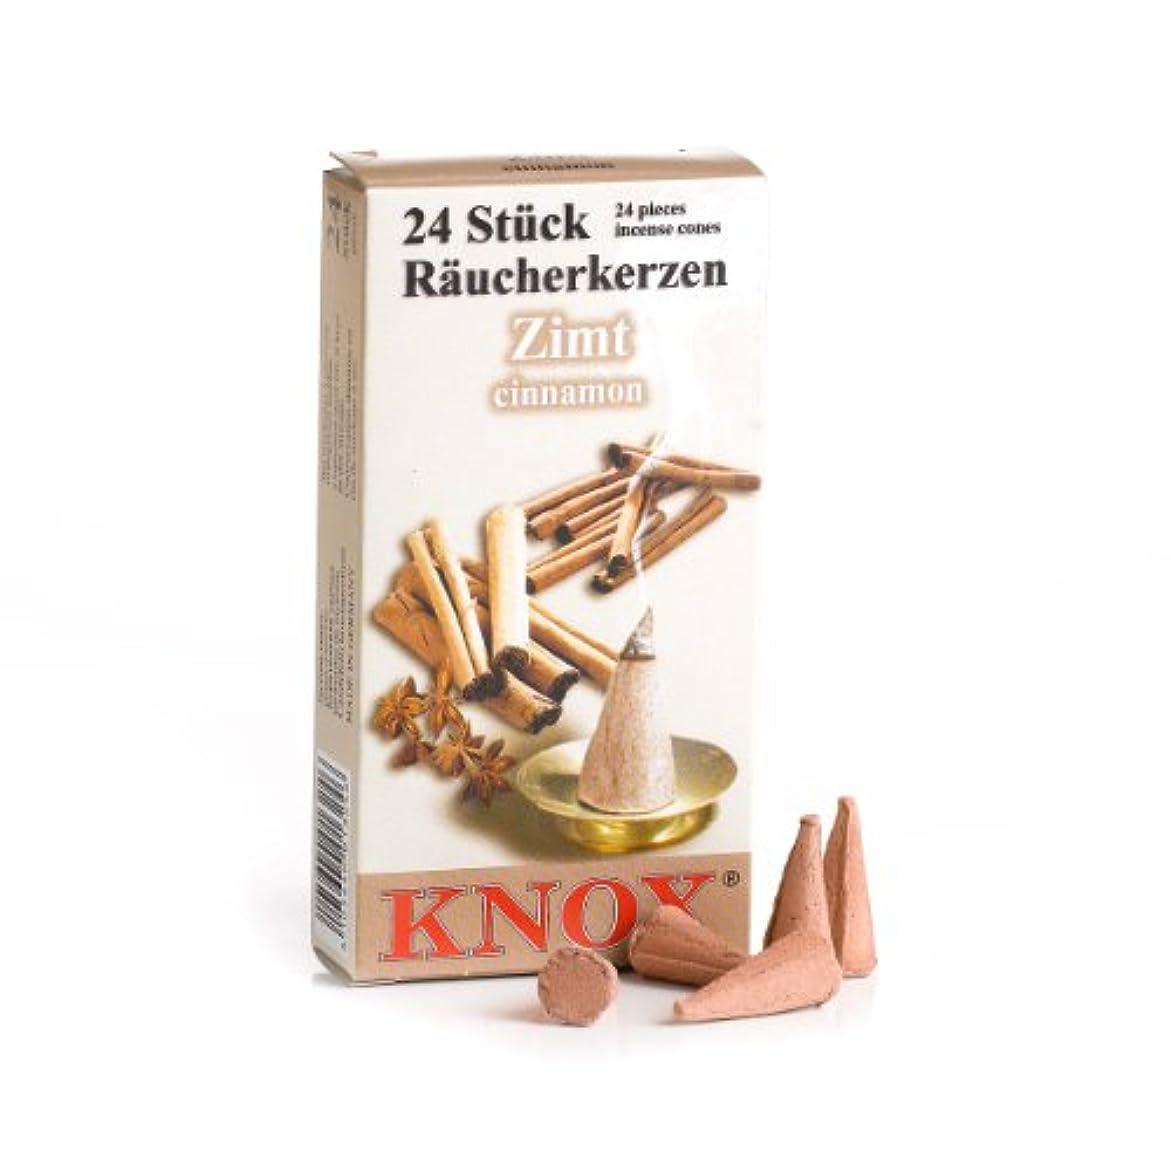 これら自殺変なKnox Cinnnamon香りつきIncense Cones、24パック、ドイツ製